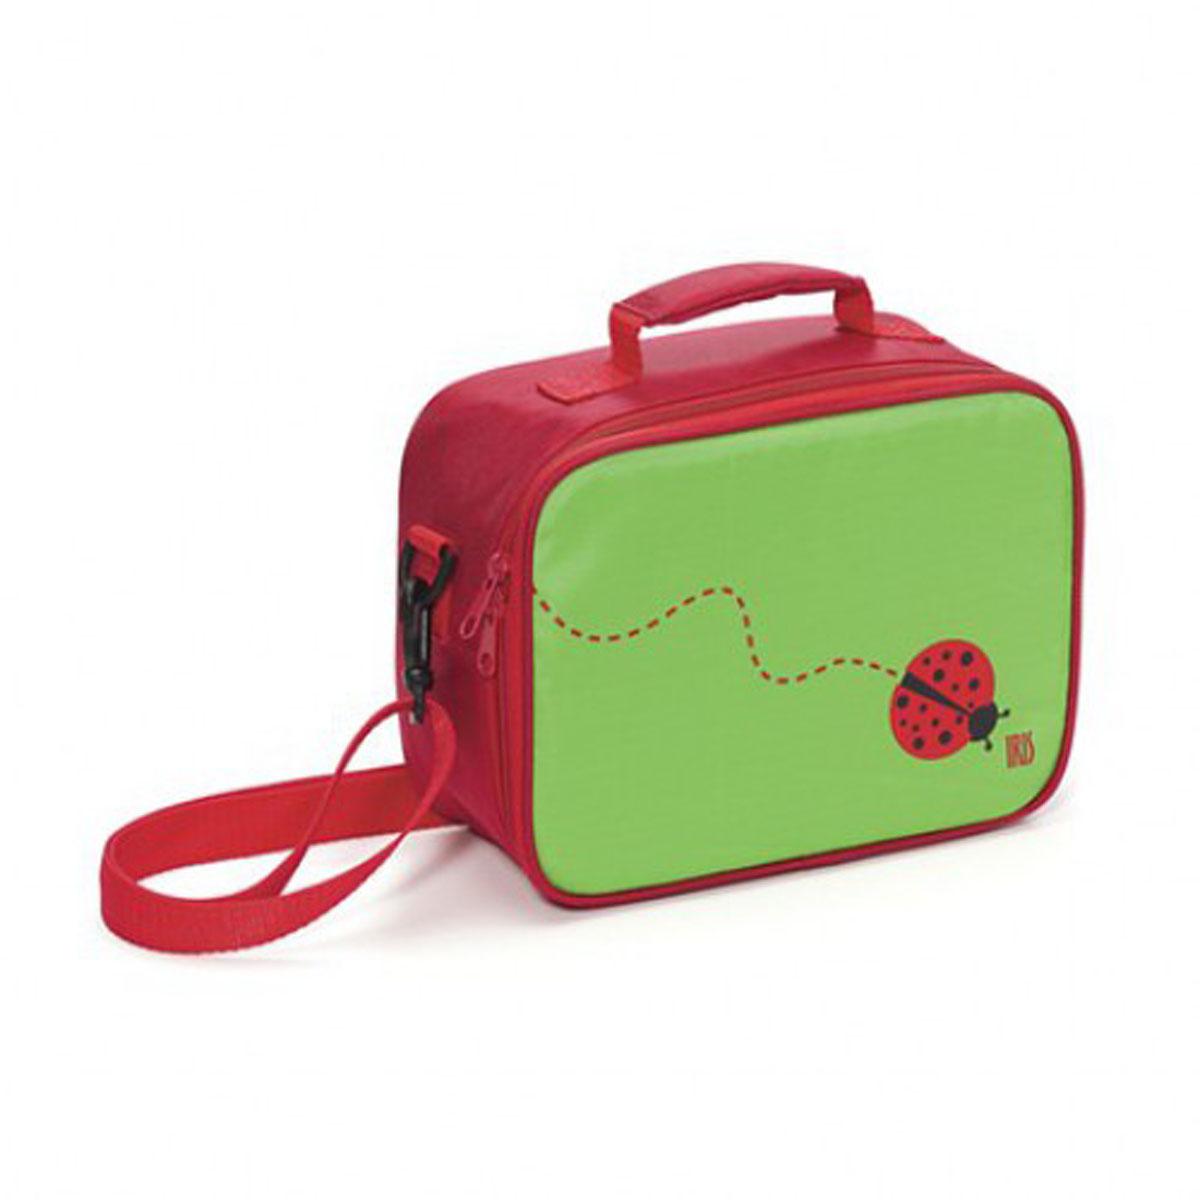 IRIS Термосумка ЛанчБокс SNACK RICO/ Зеленая9918-TI«СнэкРико» МиниЛанч Бокс – это самый идеальный способ взять с собой в школу вашу лю-бимую еду! Изнутри покрыт специальным теплоизолирующим материалом, способным надолго сохра-нить свежесть и вкус. Внутри есть сетчатый карман для салфеток, столовых приборов или аксессуаров и т.п. Сна-ружи есть карман на молнии для личных вещей и пластиковый прозрачный кармашек для карточки с персональной информацией (имя, фамилия, телефон и пр.). Можно нести в руках или повесить на плечо. Плечевой ремень регулируется по длине. В комплект входит подарок – забавный брелок для ключей из коллекции «СнэкРико».